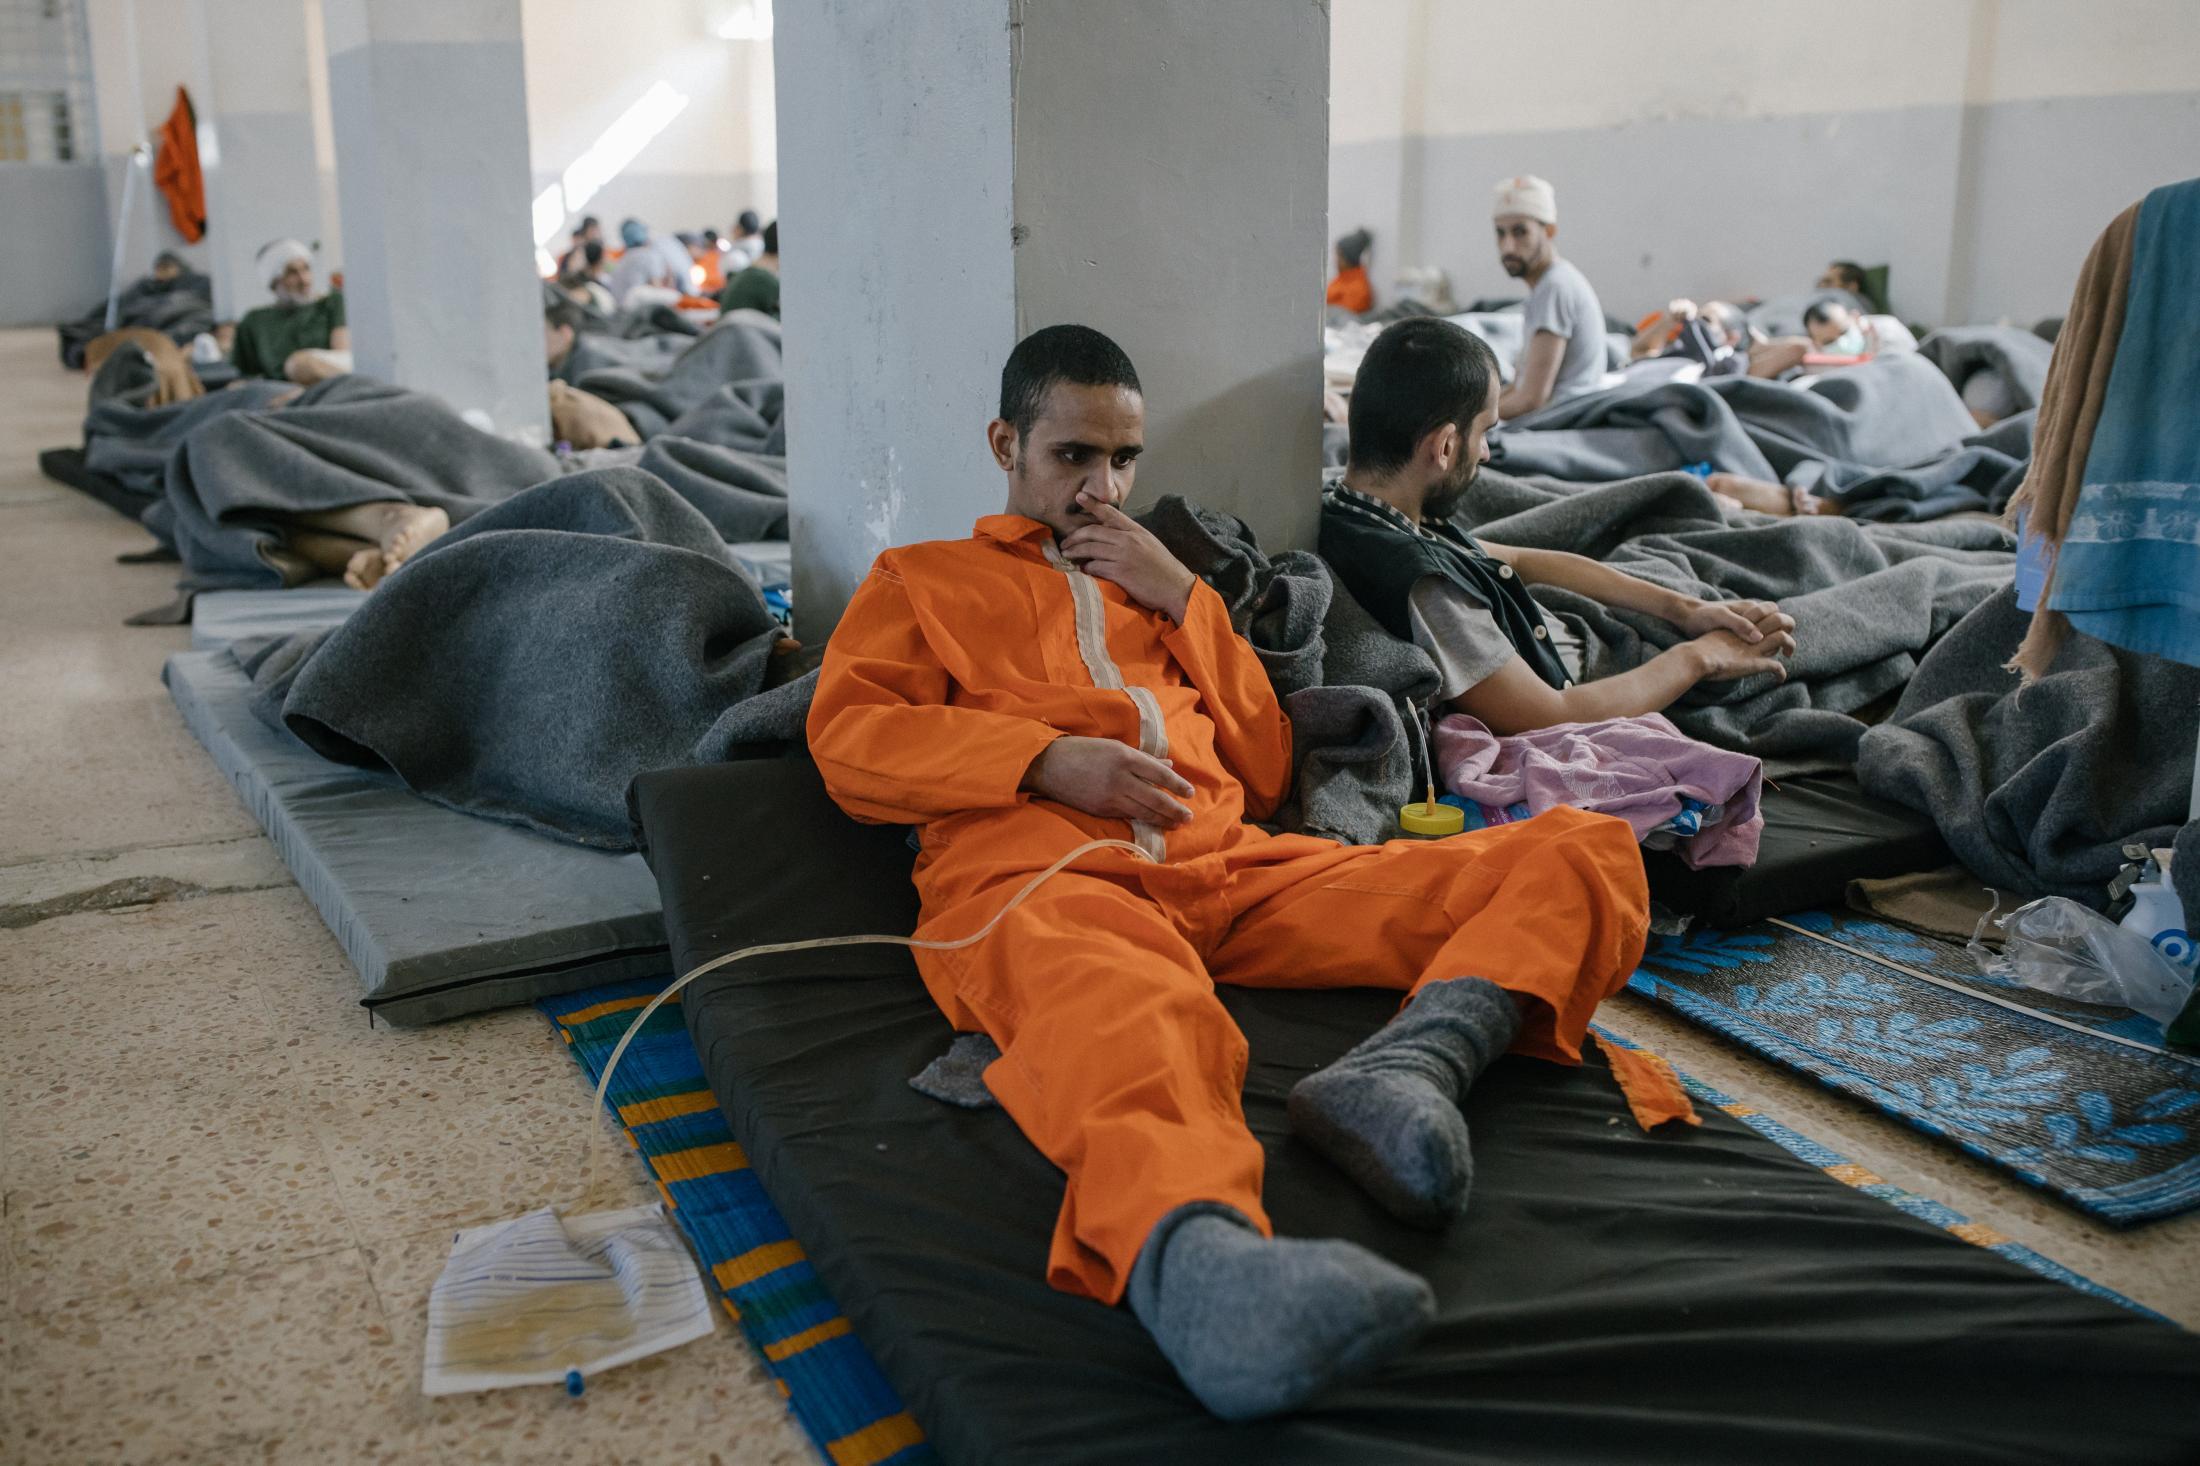 Le 30 octobre 2019, Nord Est de la Syrie. Une prison abrite des supposés membres de Daesh. Environ 5000 détenus vivraient ici. La prison est ouverte depuis 4mois. Elle est surpeuplée. Cette immense pièce sert d'hopital. Les blessés et les malades vivent ici. Les plus chanceux ont un lit, les autres dorment par terre.